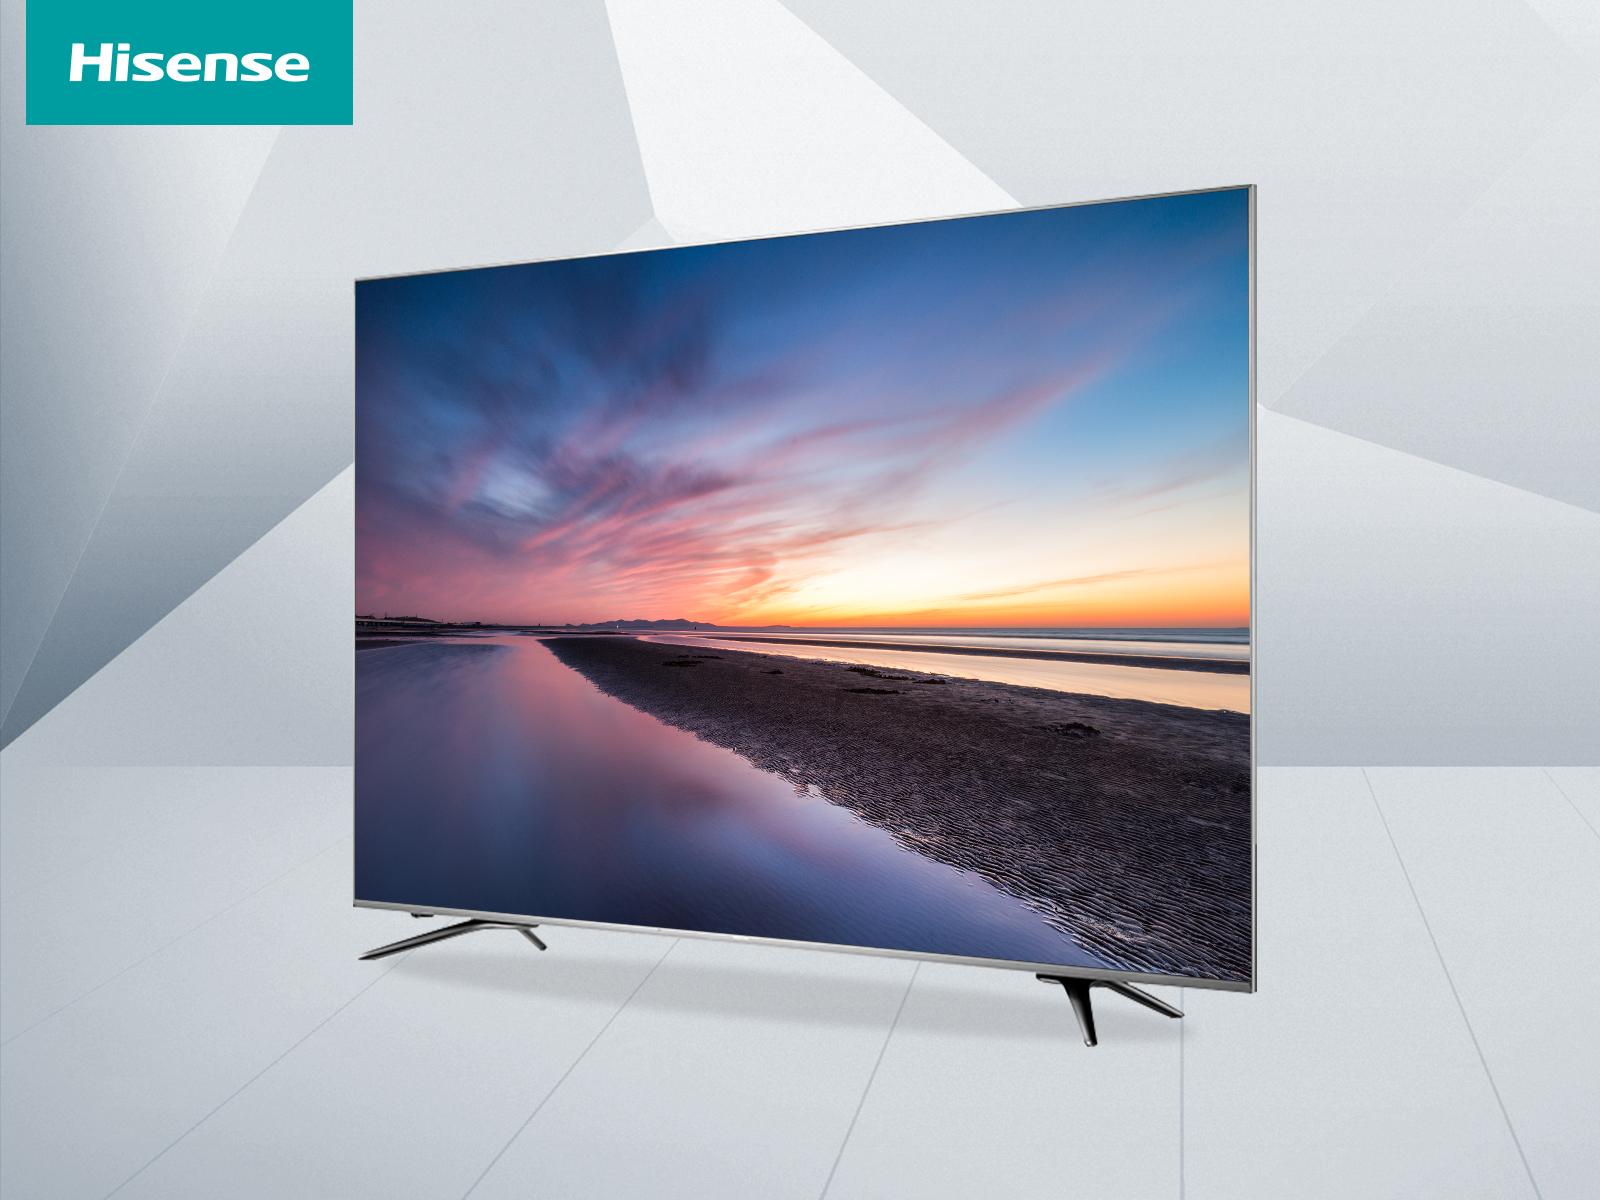 怎样选购电视尺寸